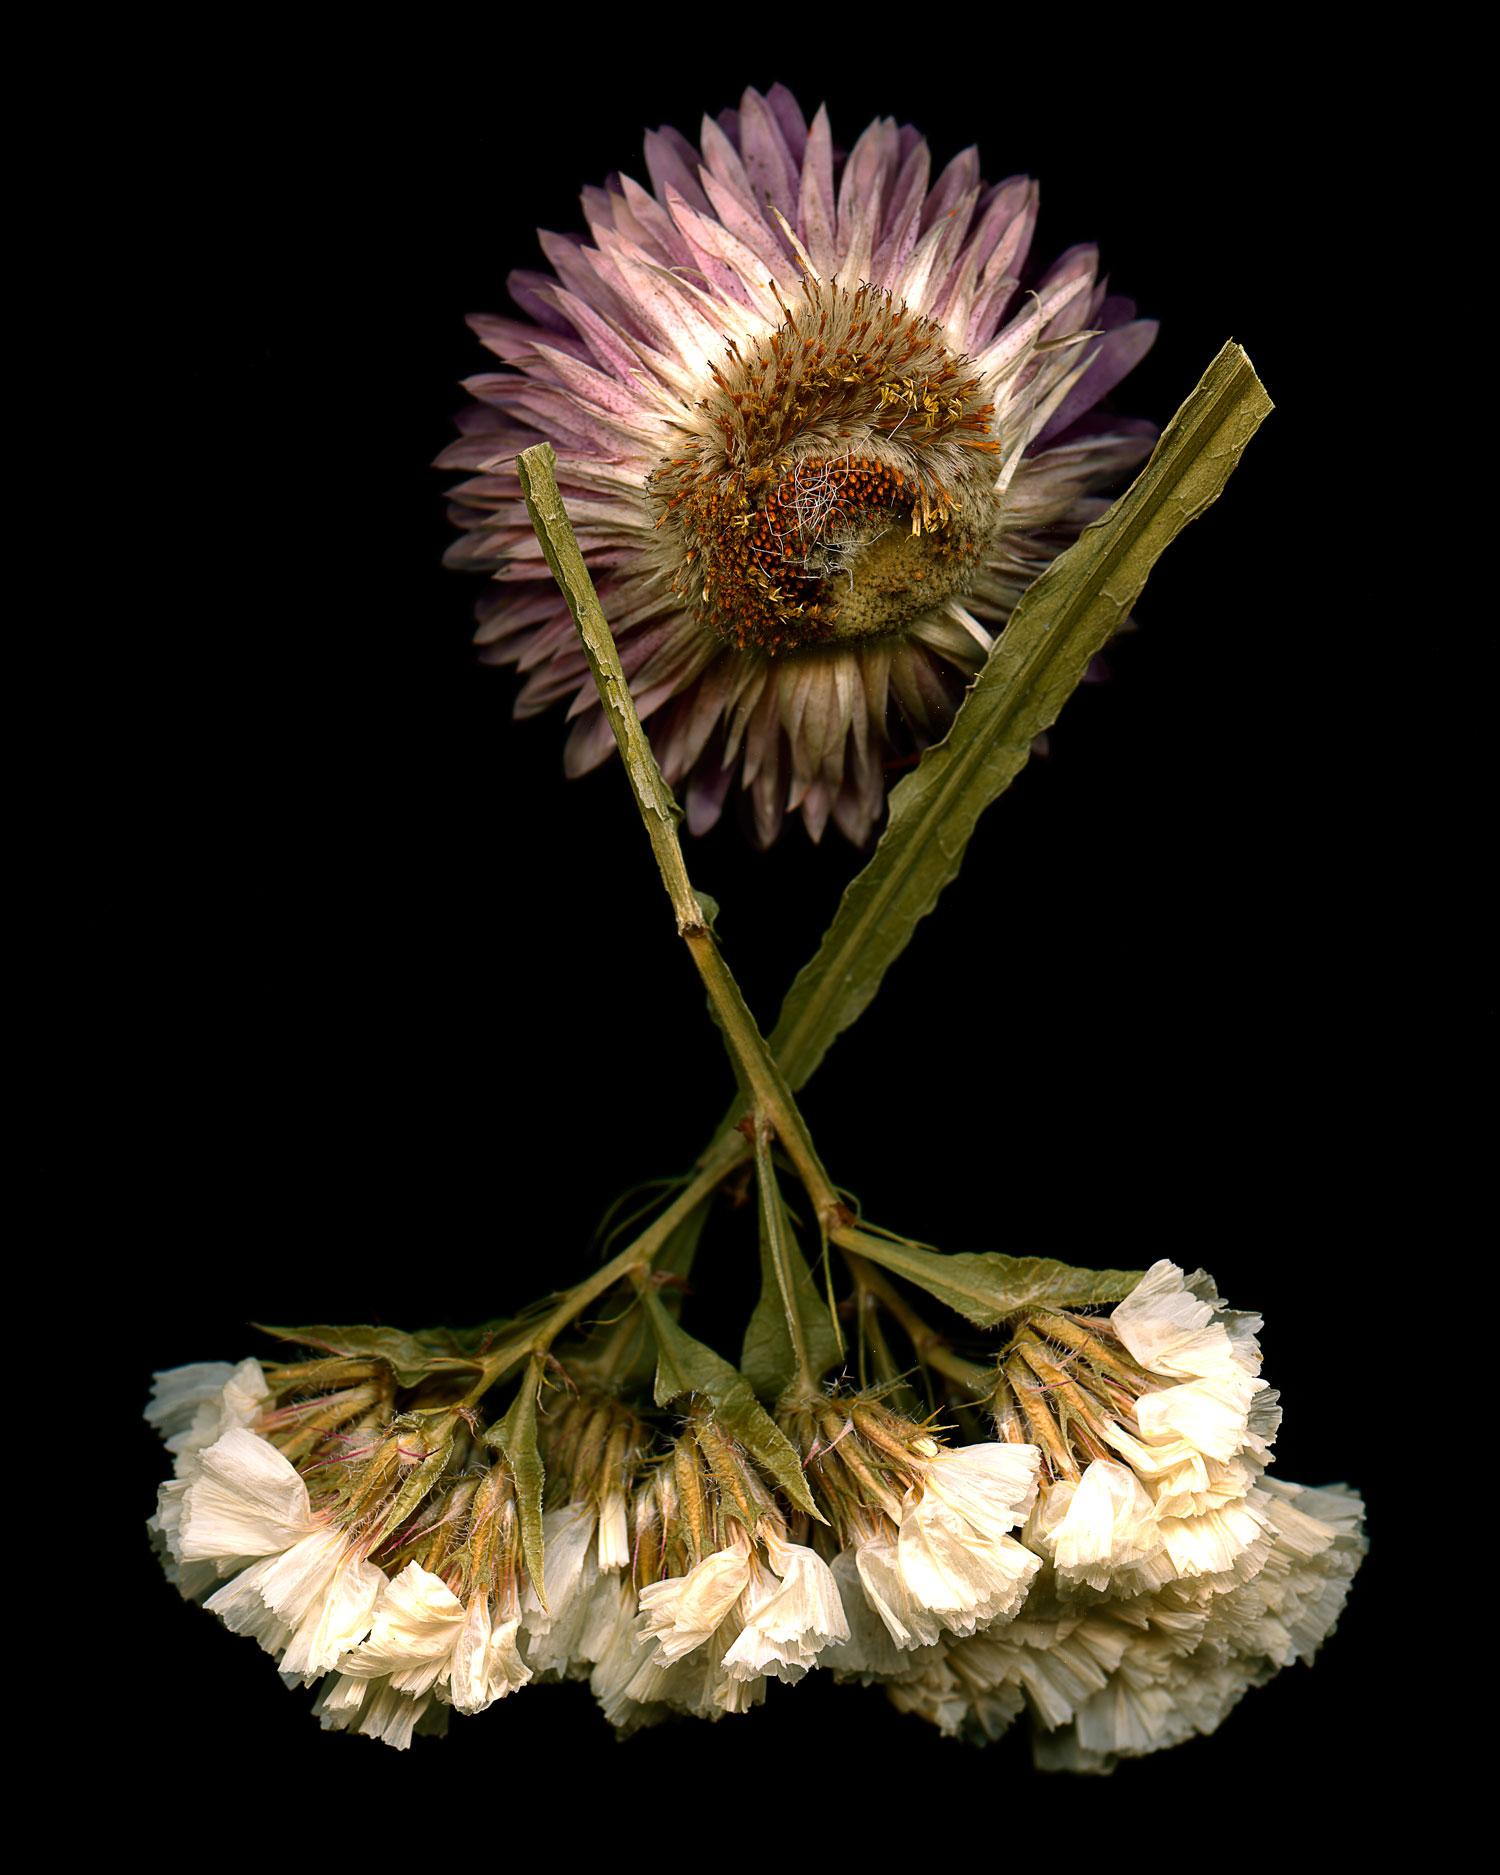 flowers011.jpg